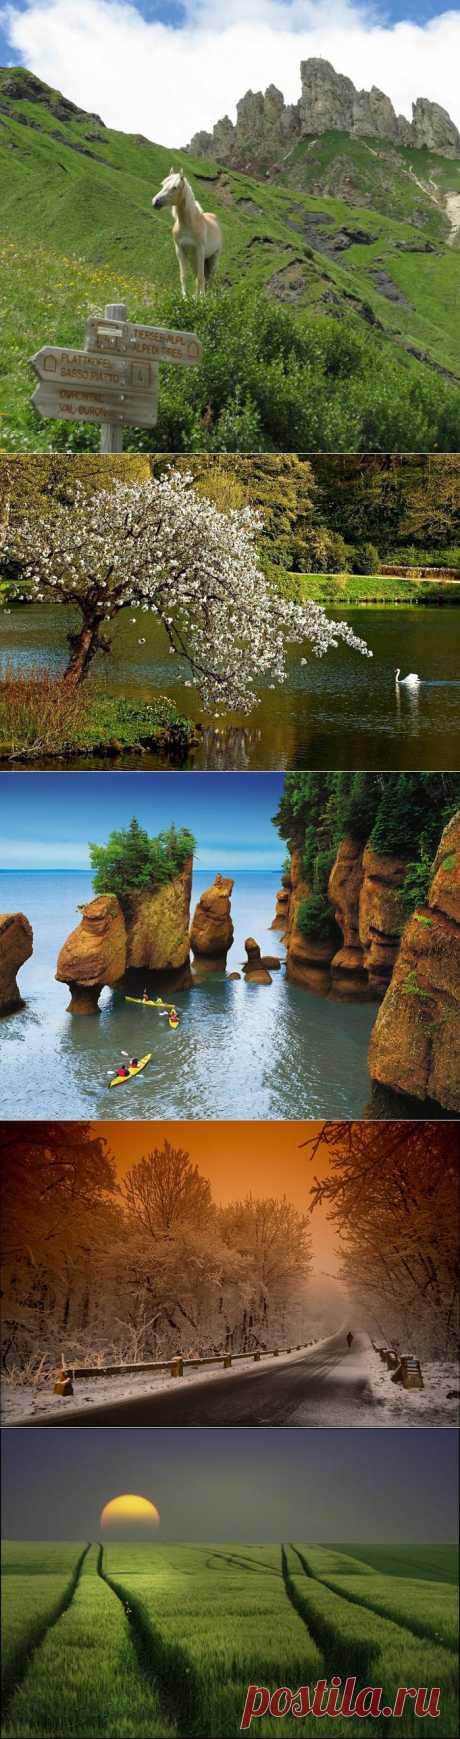 Красивые места на планете. Давайте прогуляемся!.